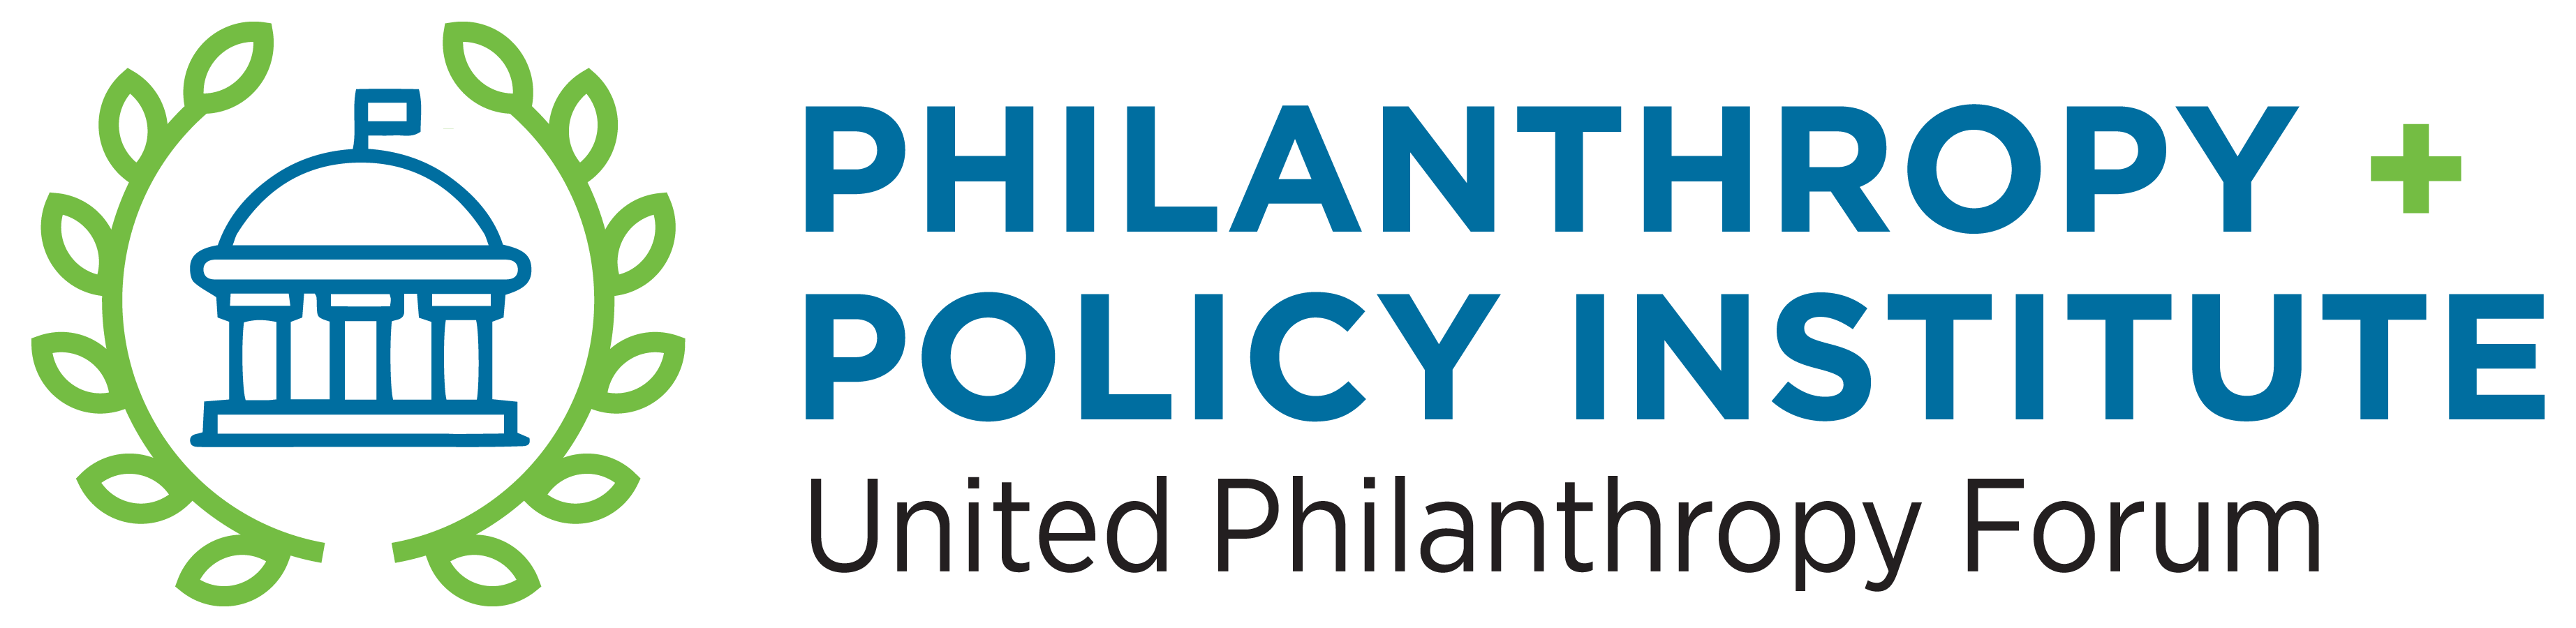 Philanthropy + Policy Institute: United Philanthropy Forum